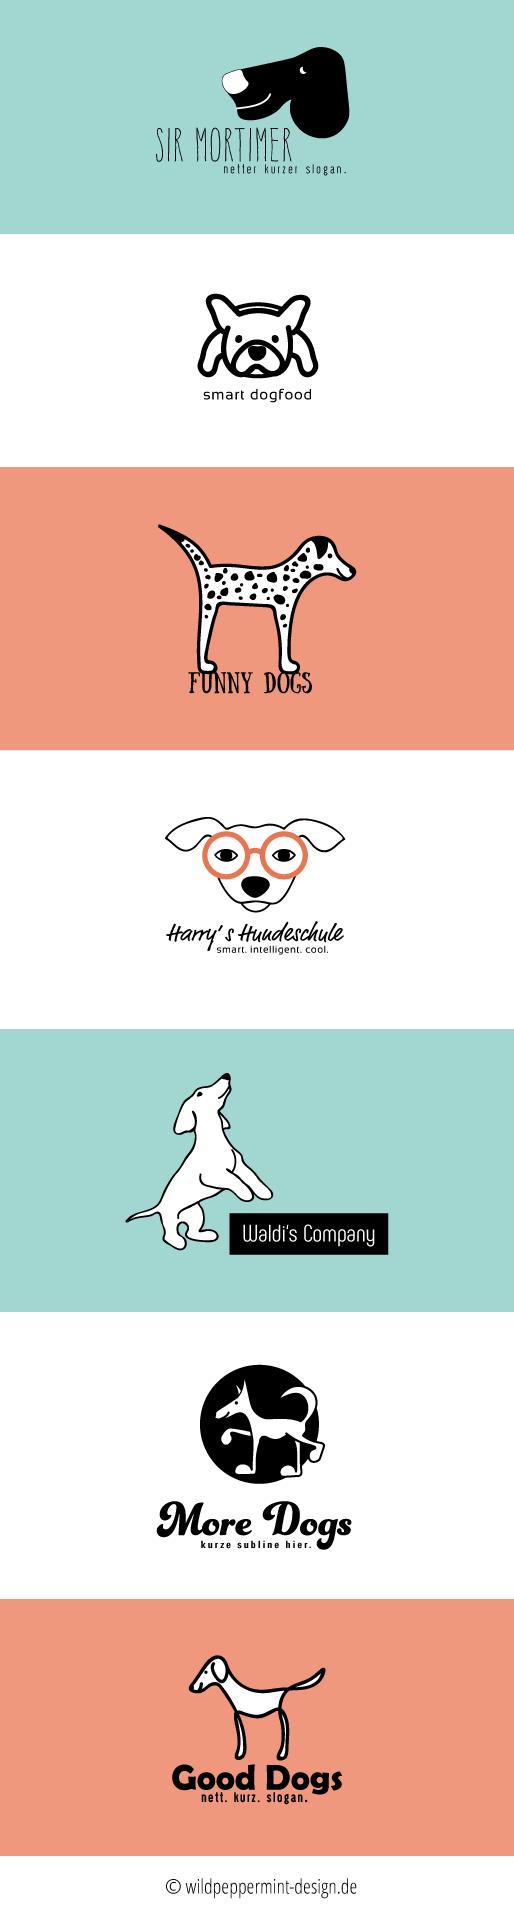 Logo mit Hund, Logoentwürfe mit Hund, freie Logos Hund   © wildpeppermint-design.de